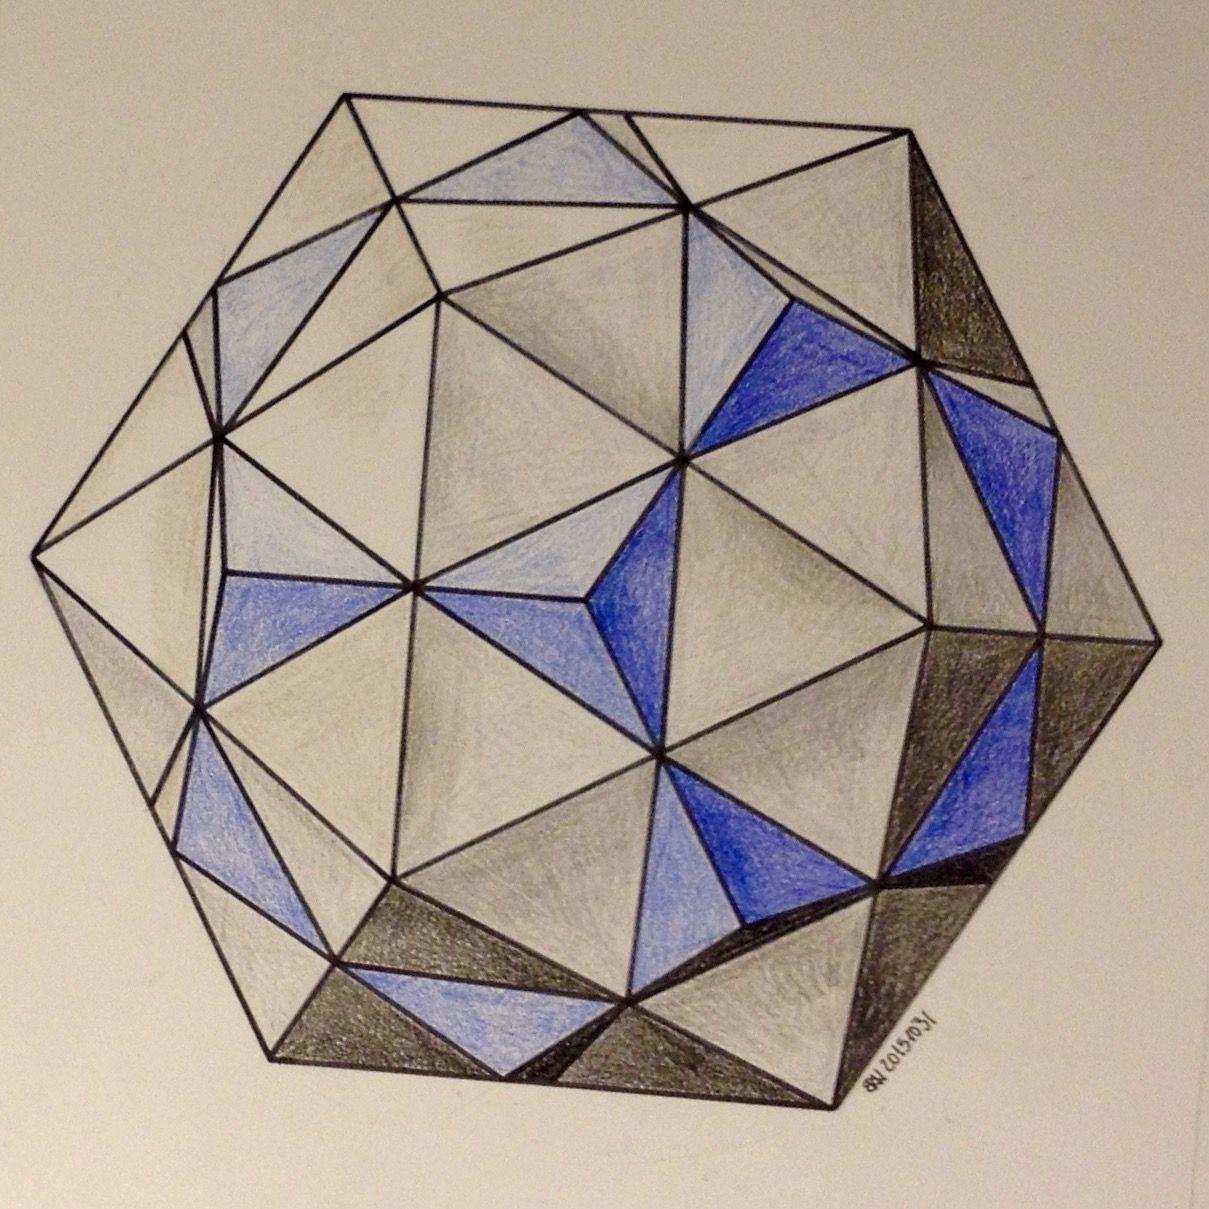 картинки сложности в геометрии полученный